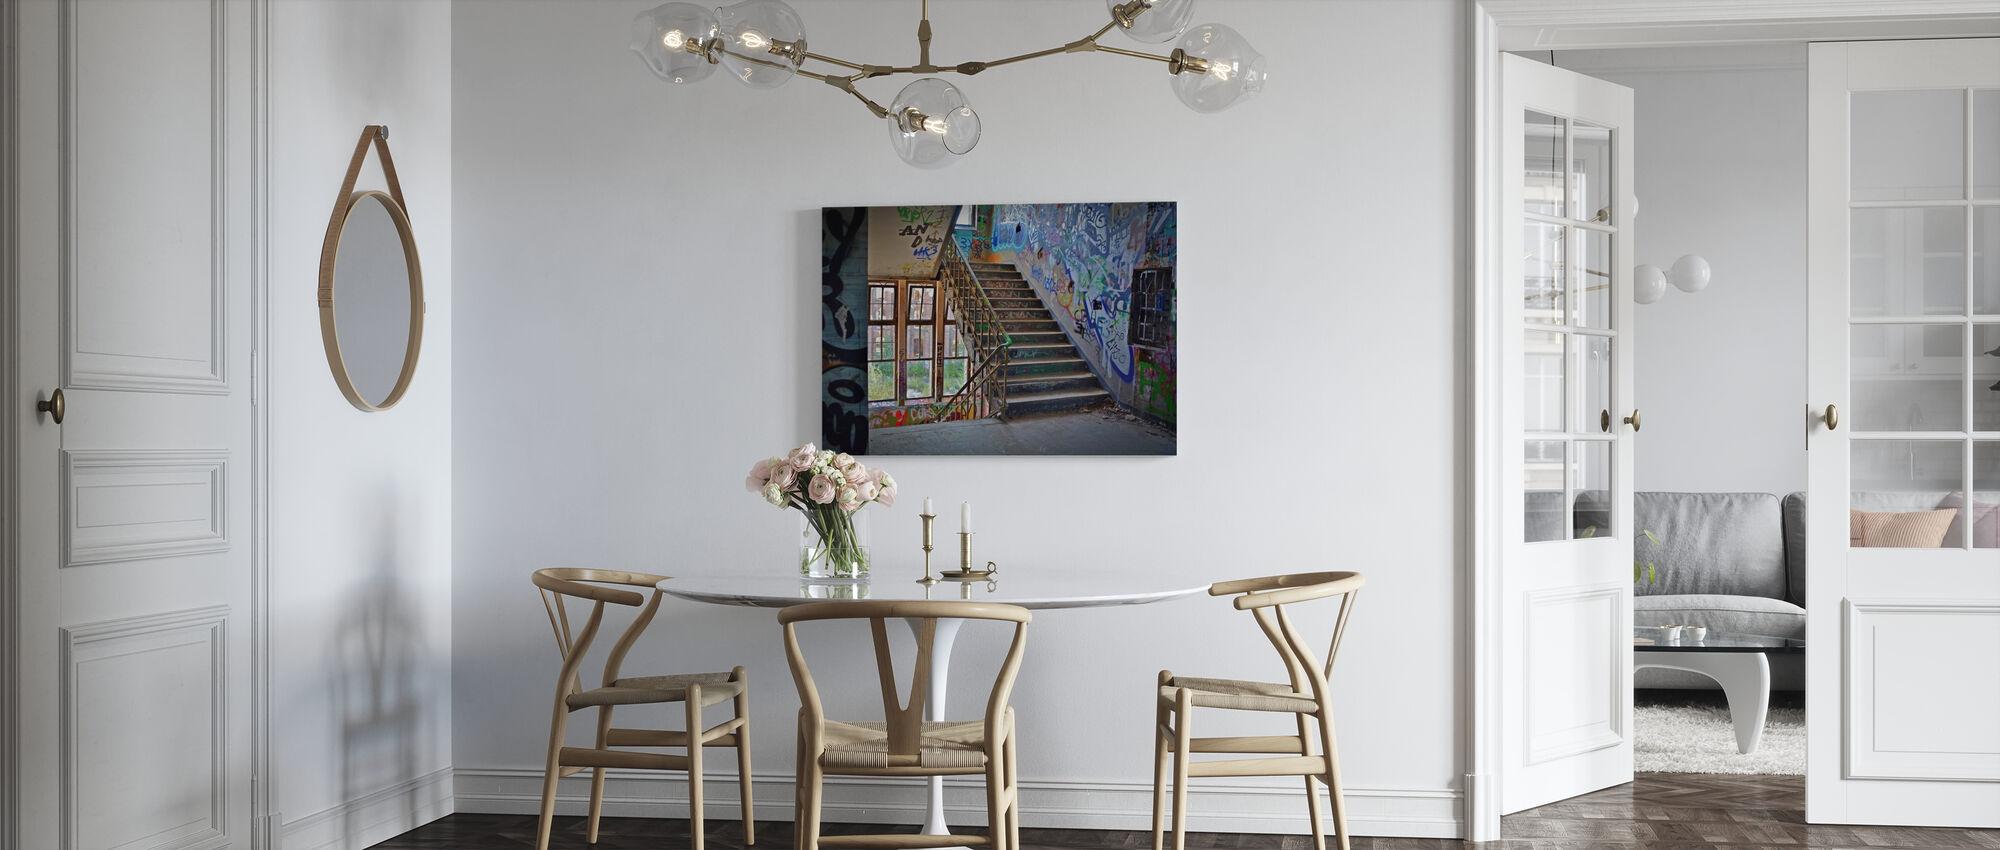 Industrieel gebouw Trap - Canvas print - Keuken